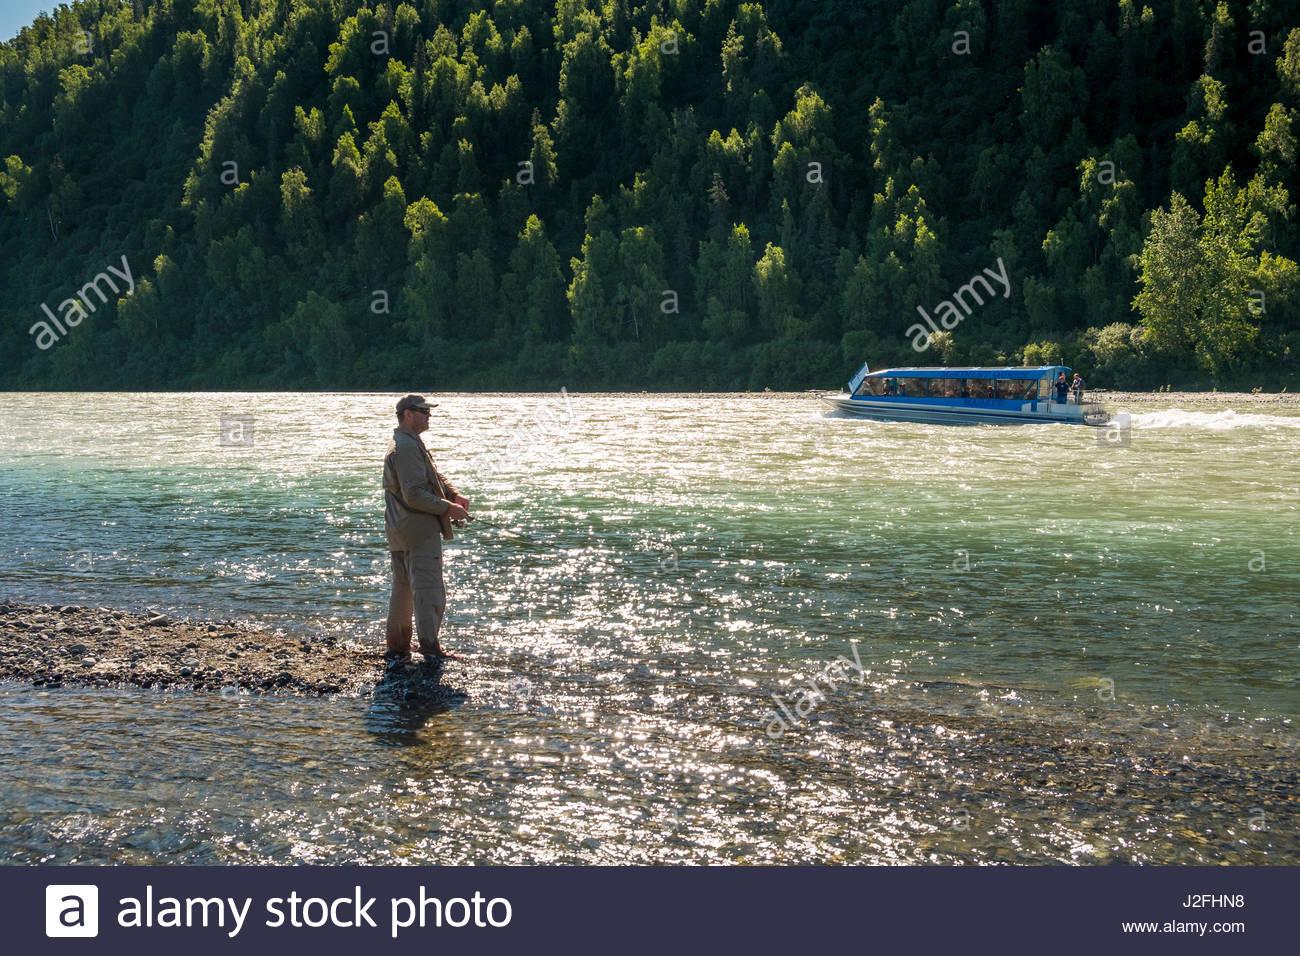 Mahay McKinley della regina Jet entrobordo tour in barca che viaggiano a monte sul fiume Susitna passando pescatore Immagini Stock